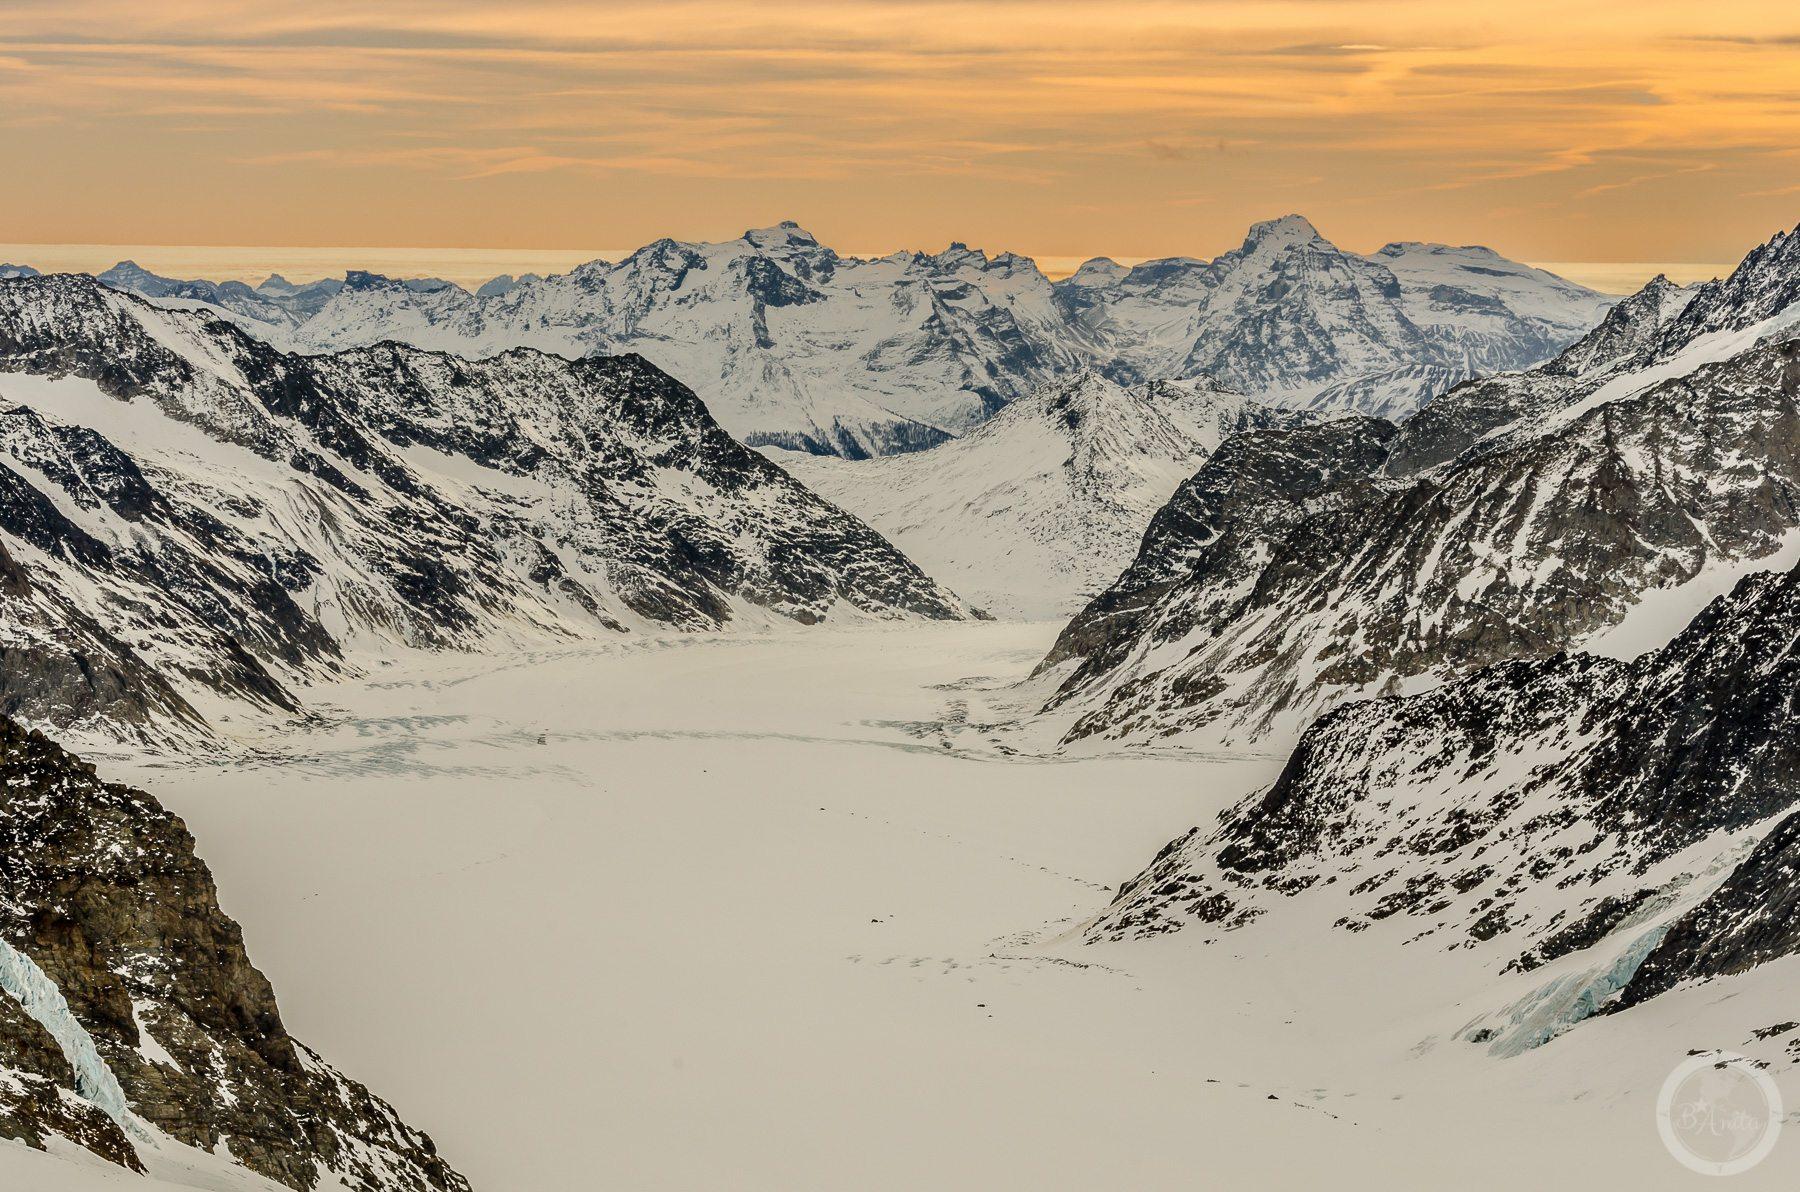 Góska przełęcz wśród skalistych, ośnieżonych szczytów. Jungfraujoch, Szwajcaria